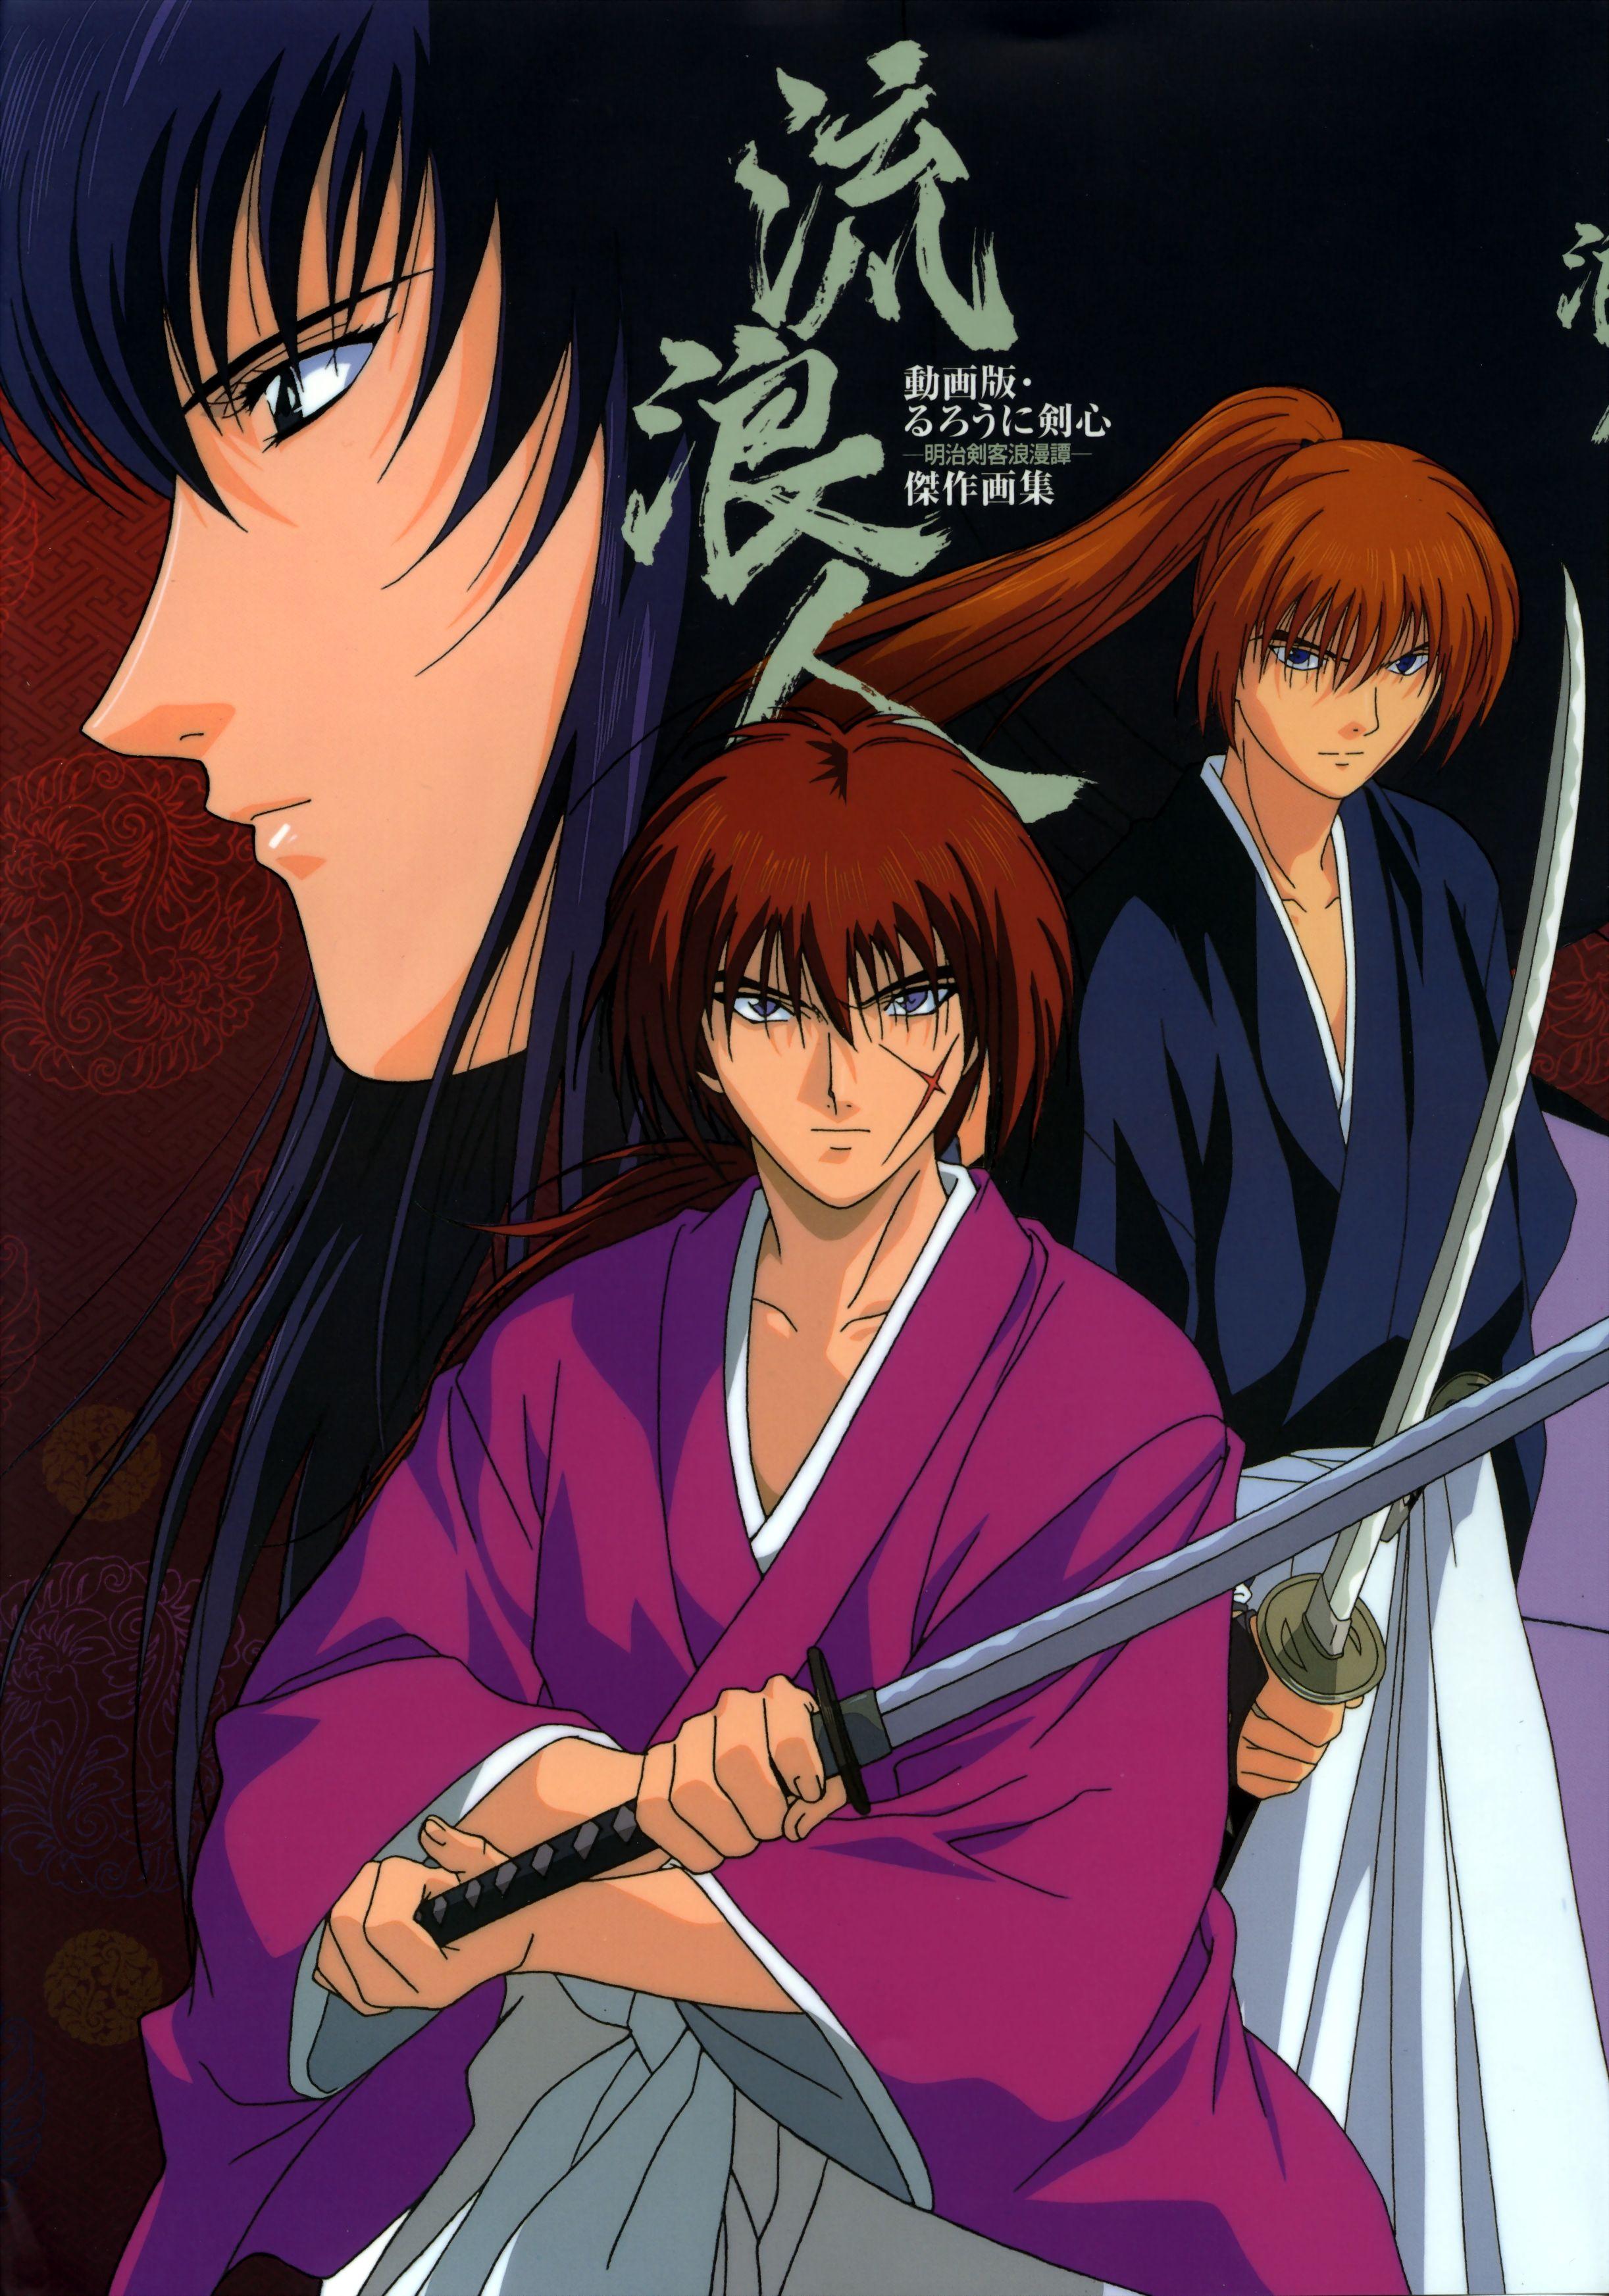 Rurouni Kenshin Manga anime, Anime, Animes manga